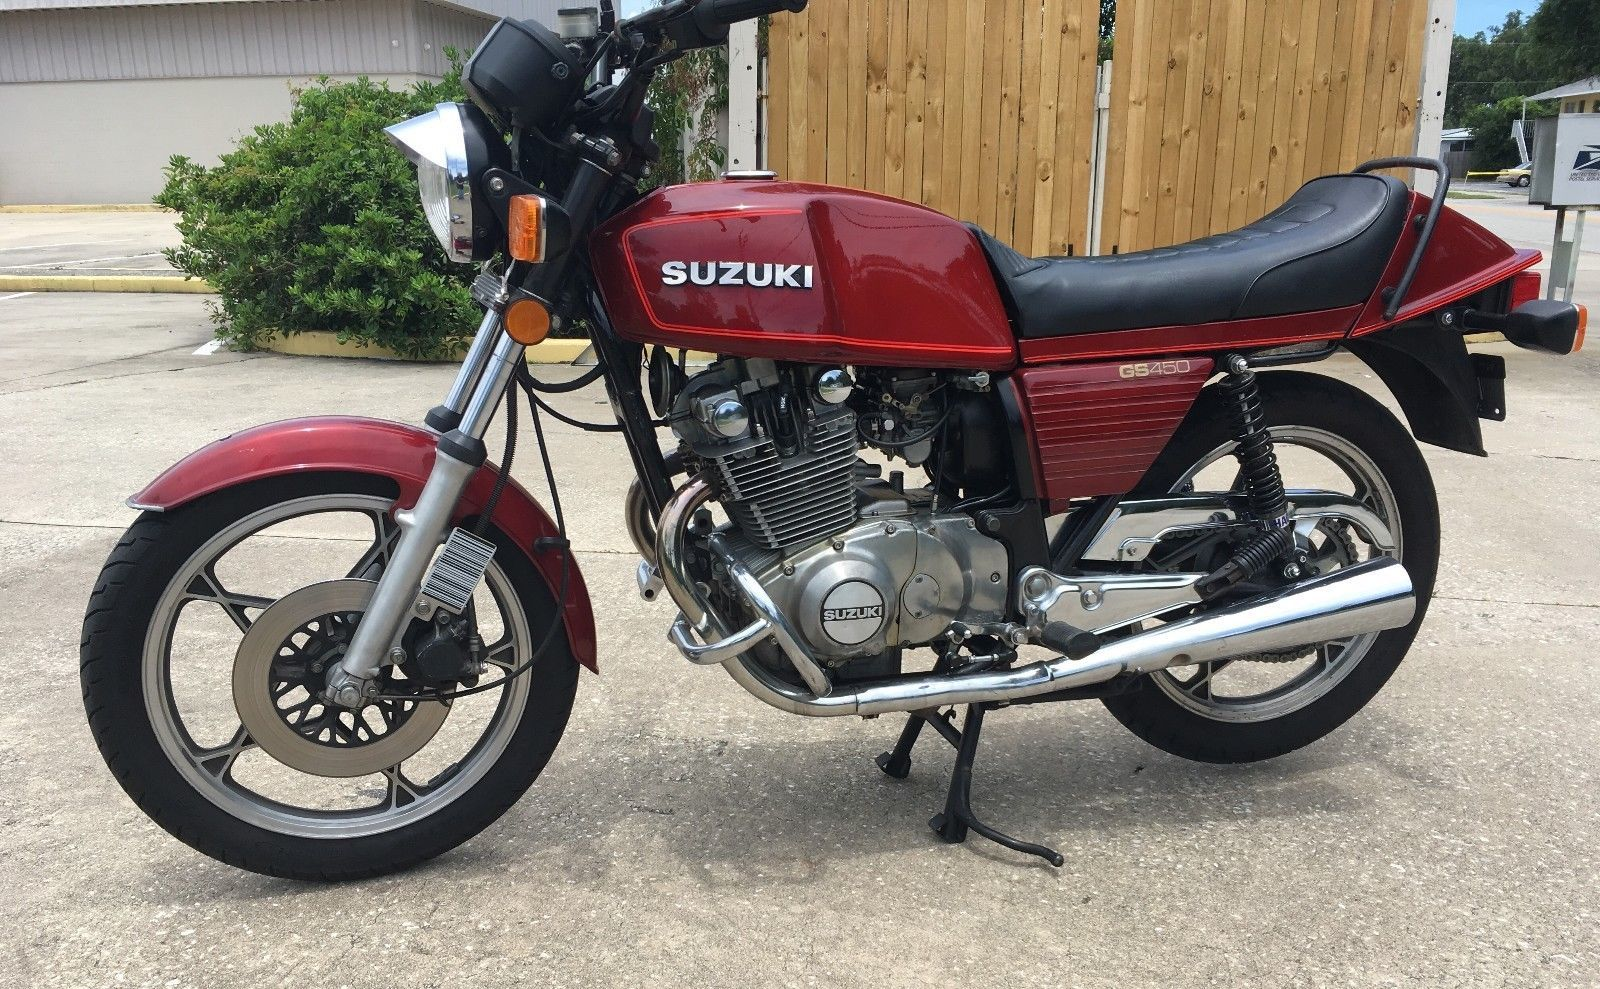 1981 Suzuki Gs 1981 Suzuki Gs450ex Please Retweet バイク